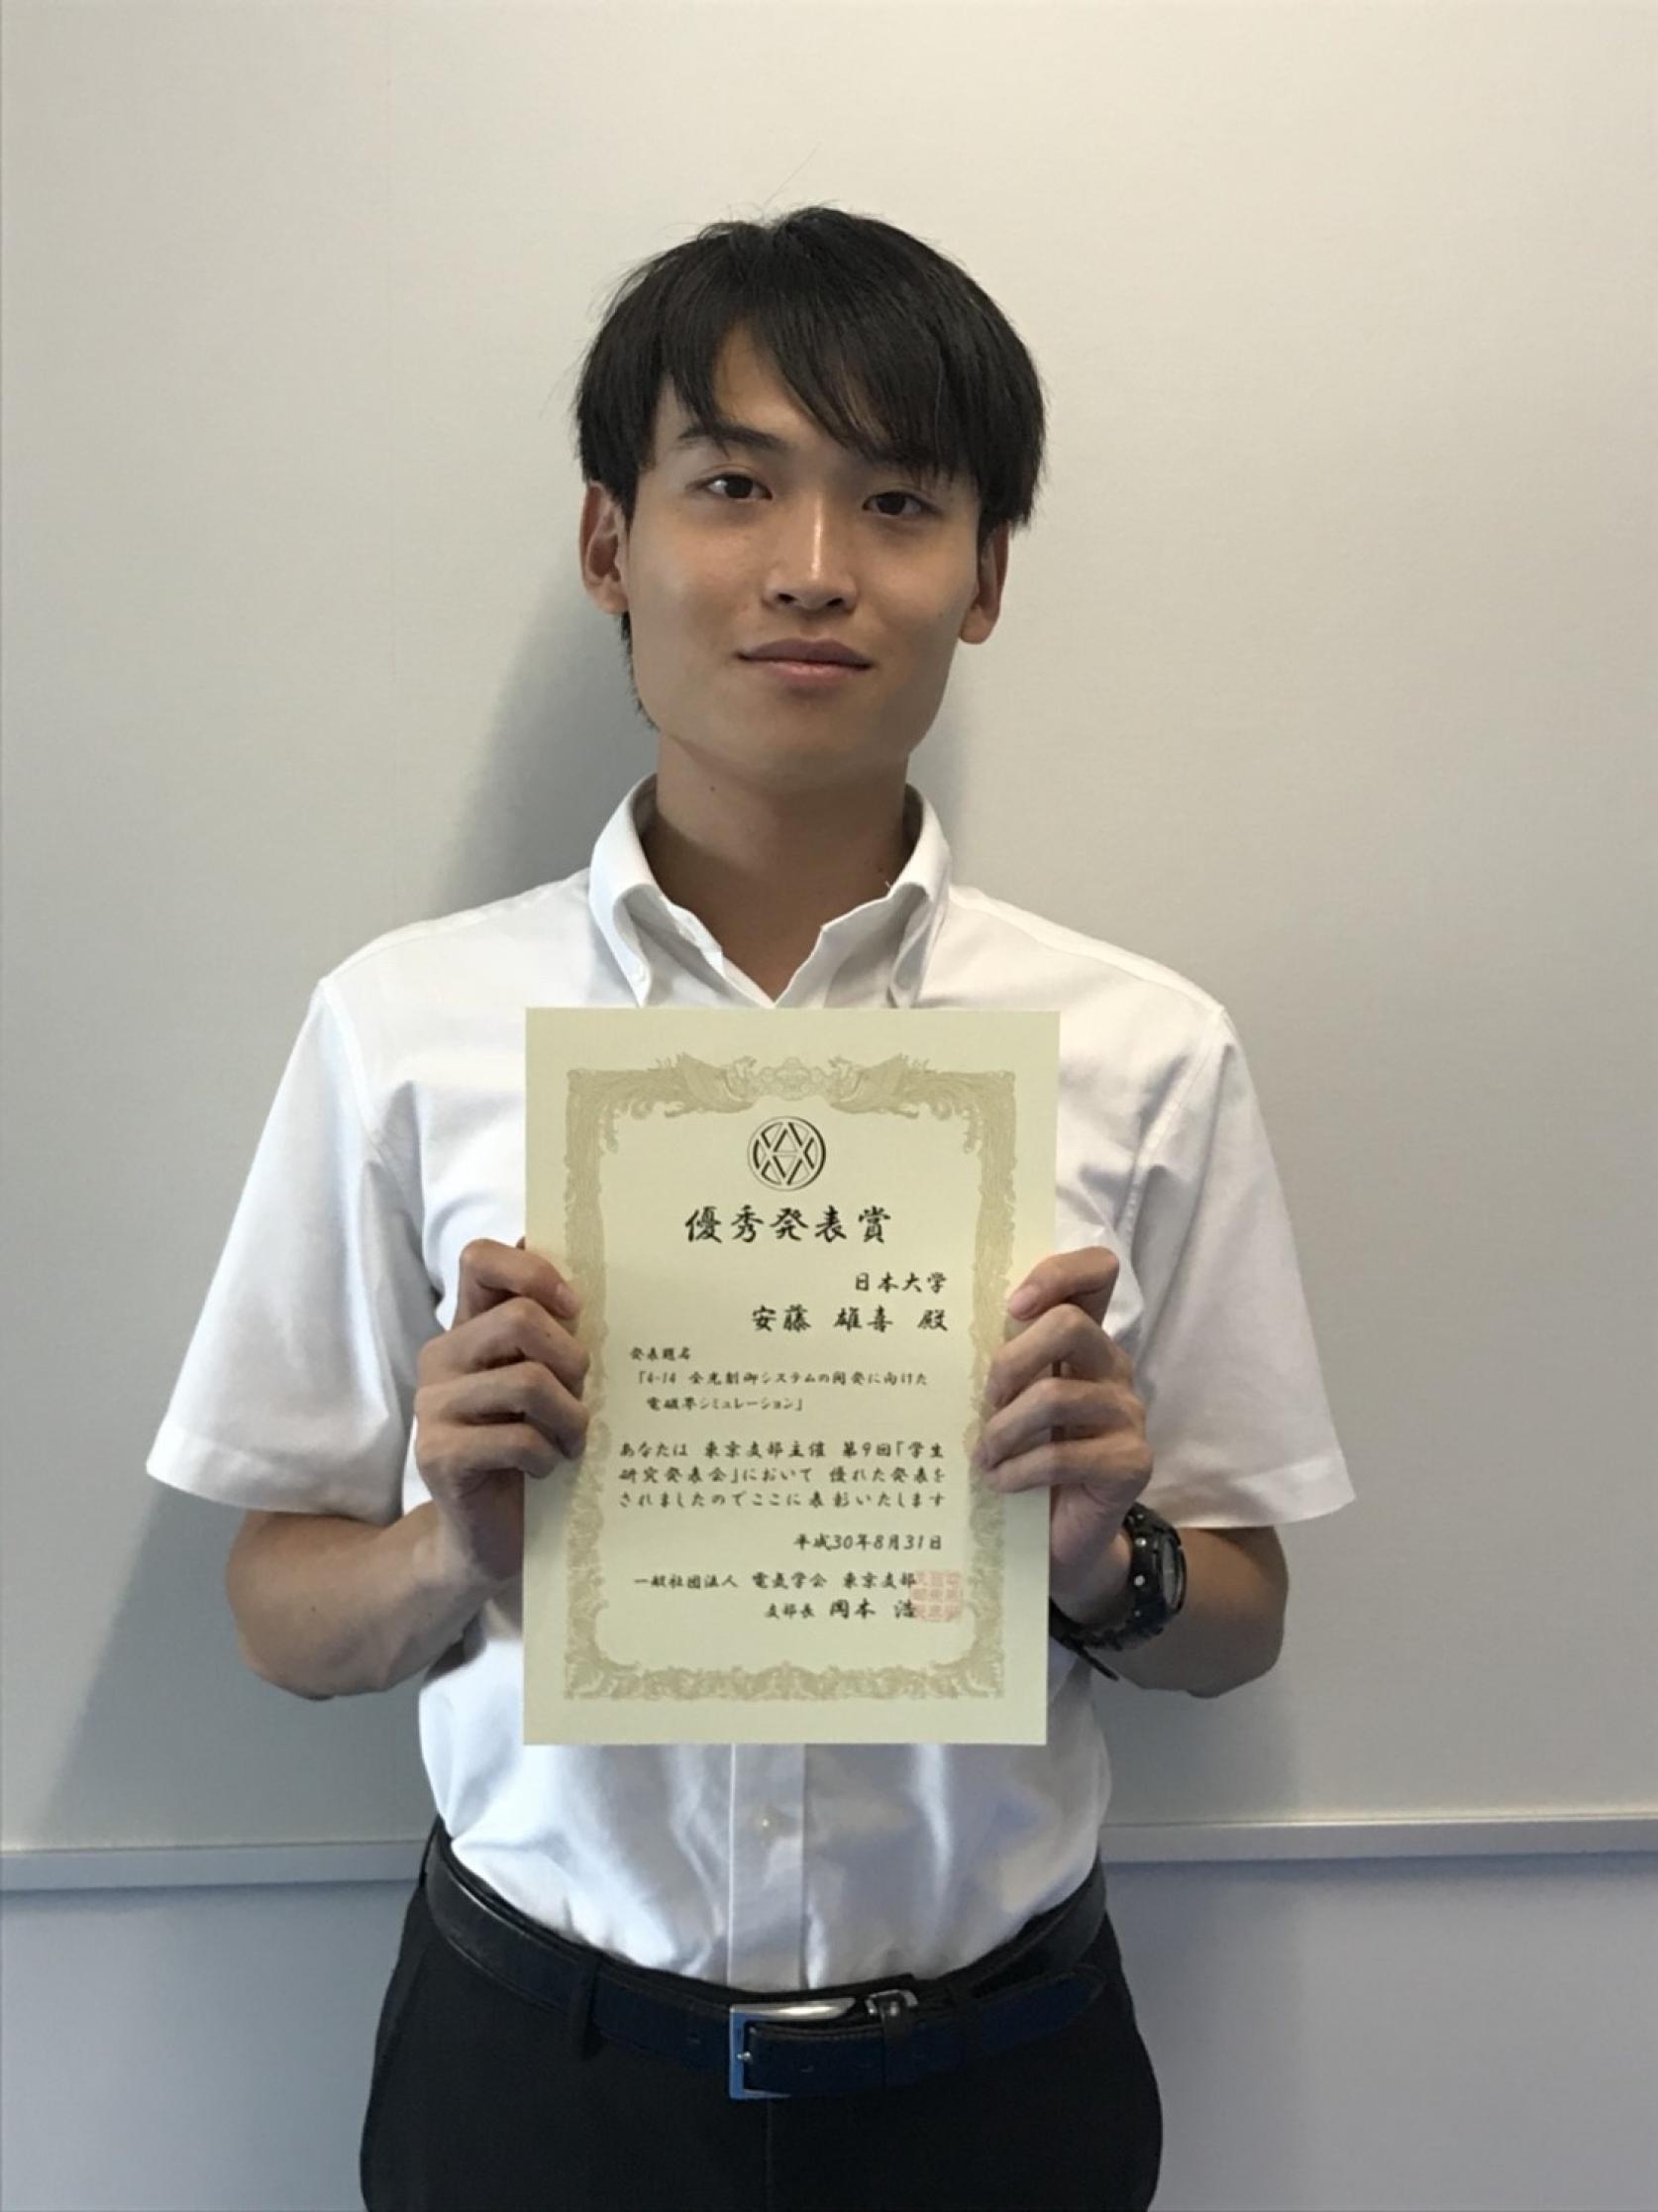 電気工学科4年の安藤雄喜さんが電気学会主催の「第9回 学生研究発表会」において、優秀発表賞を受賞しました。